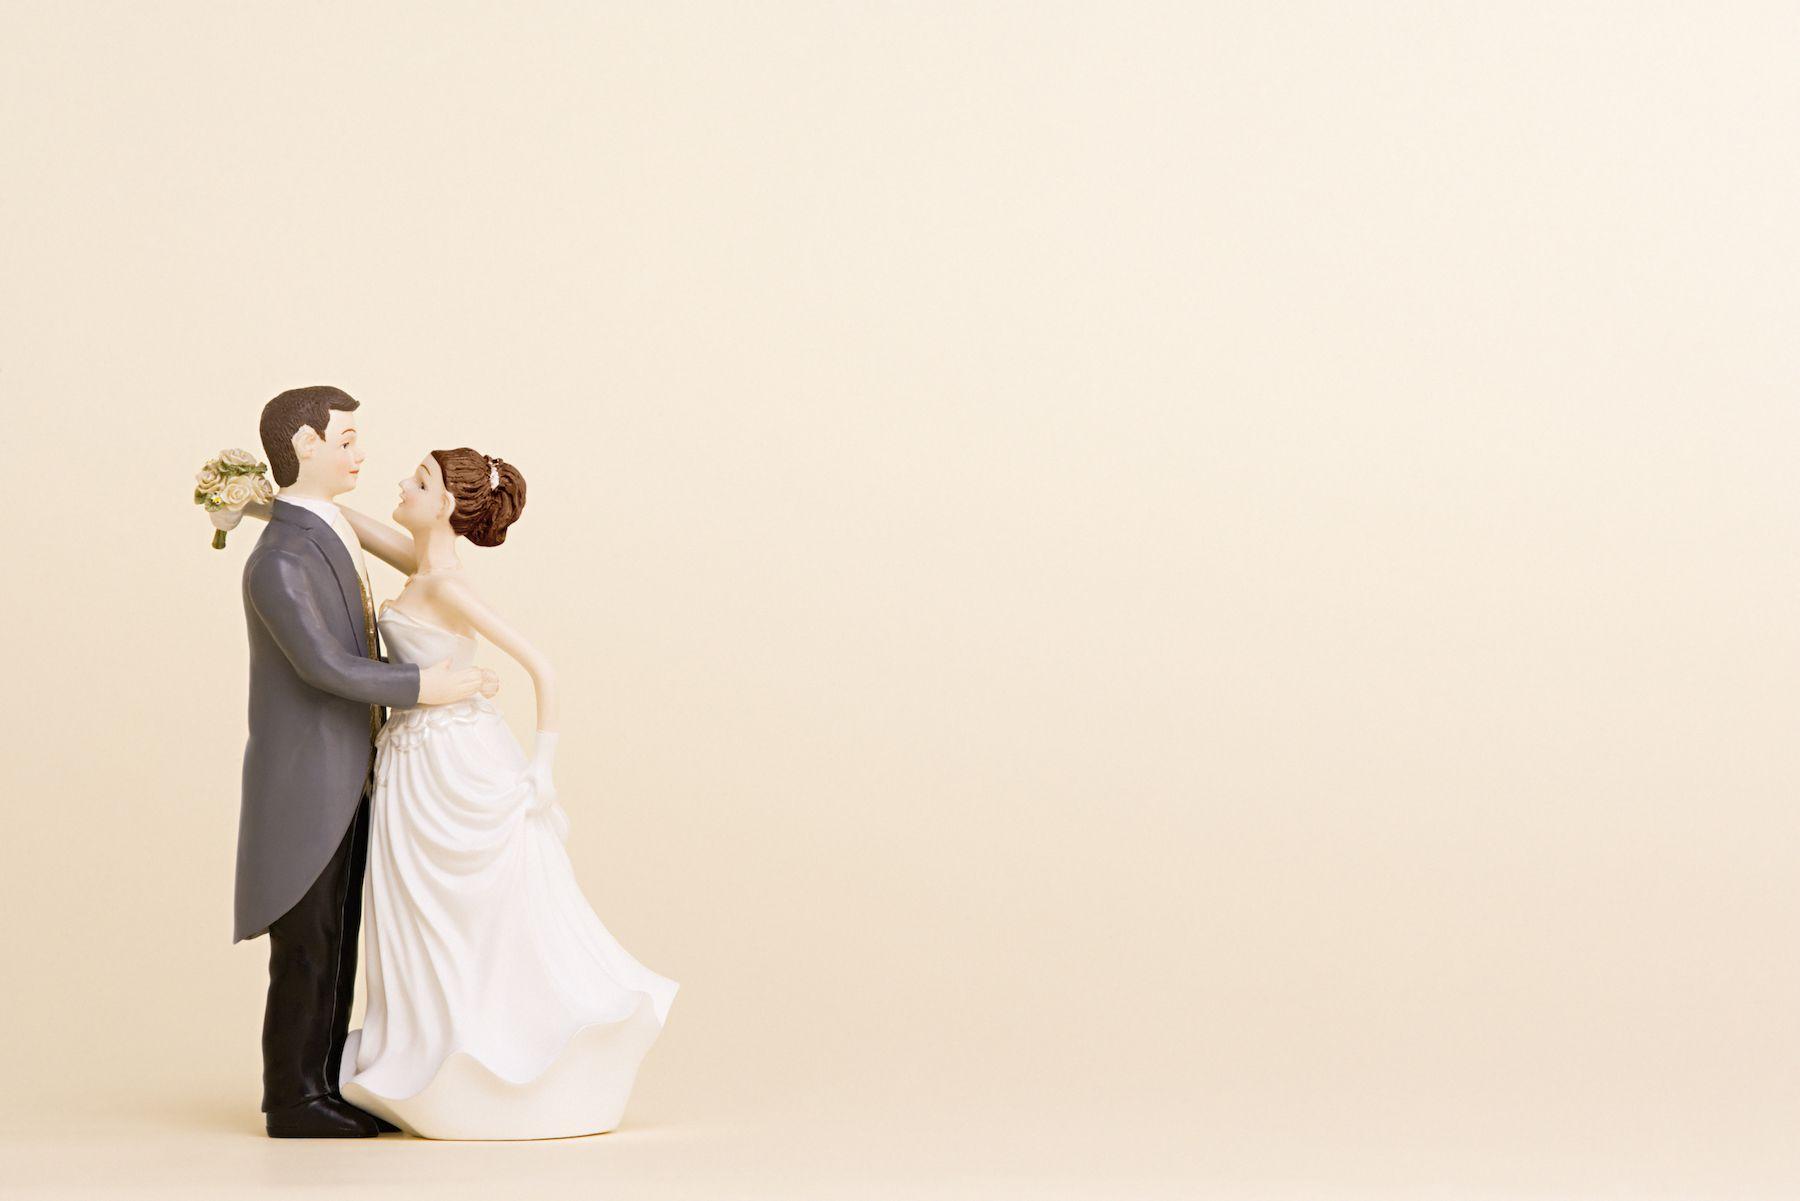 La paradoja del matrimonio: expectativas y realidad sobre las configuraciones familiares de los jóvenes